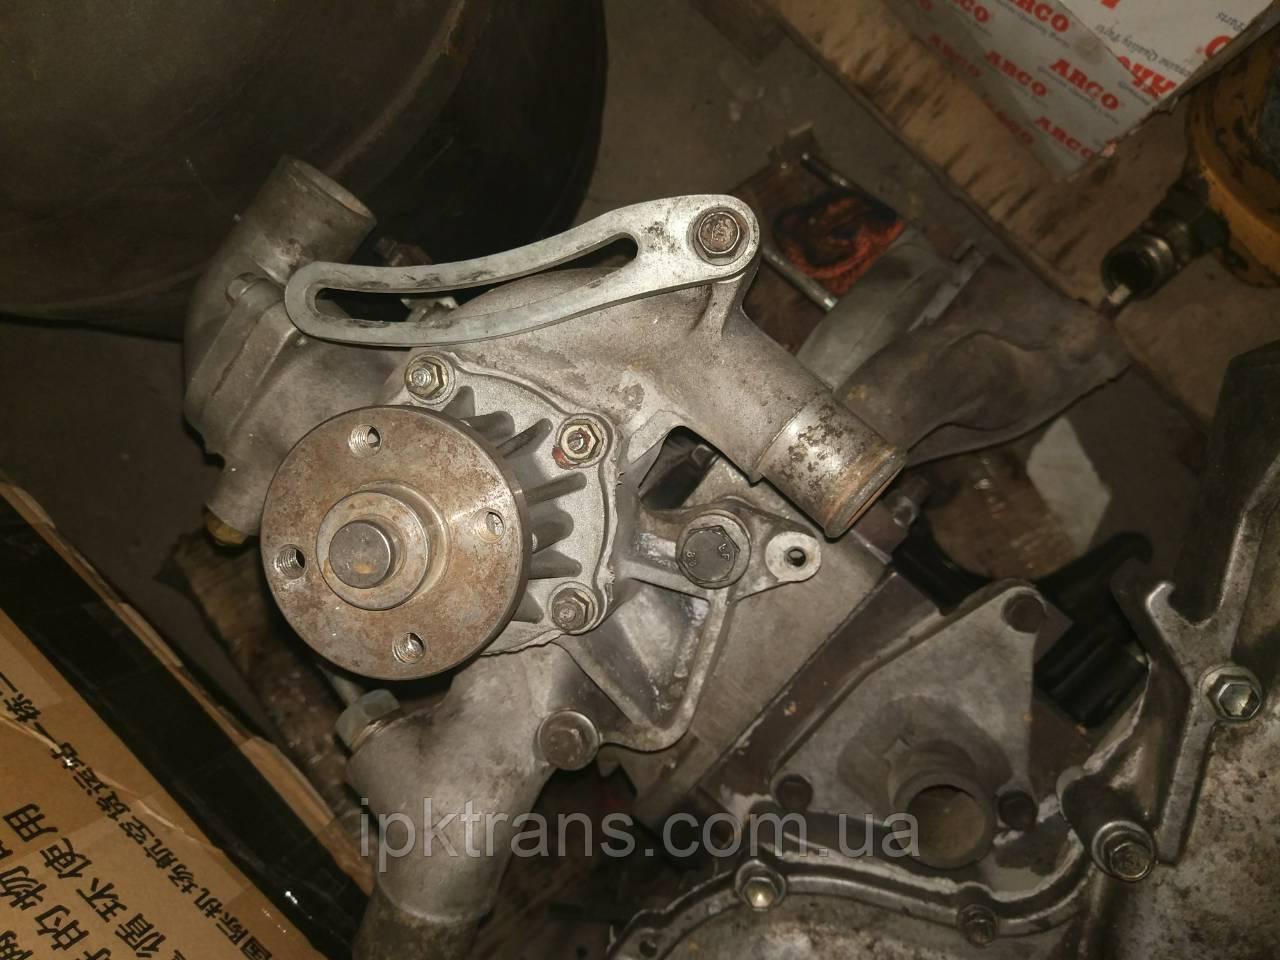 Двигатель Тойота 5К (Toyota 5K)